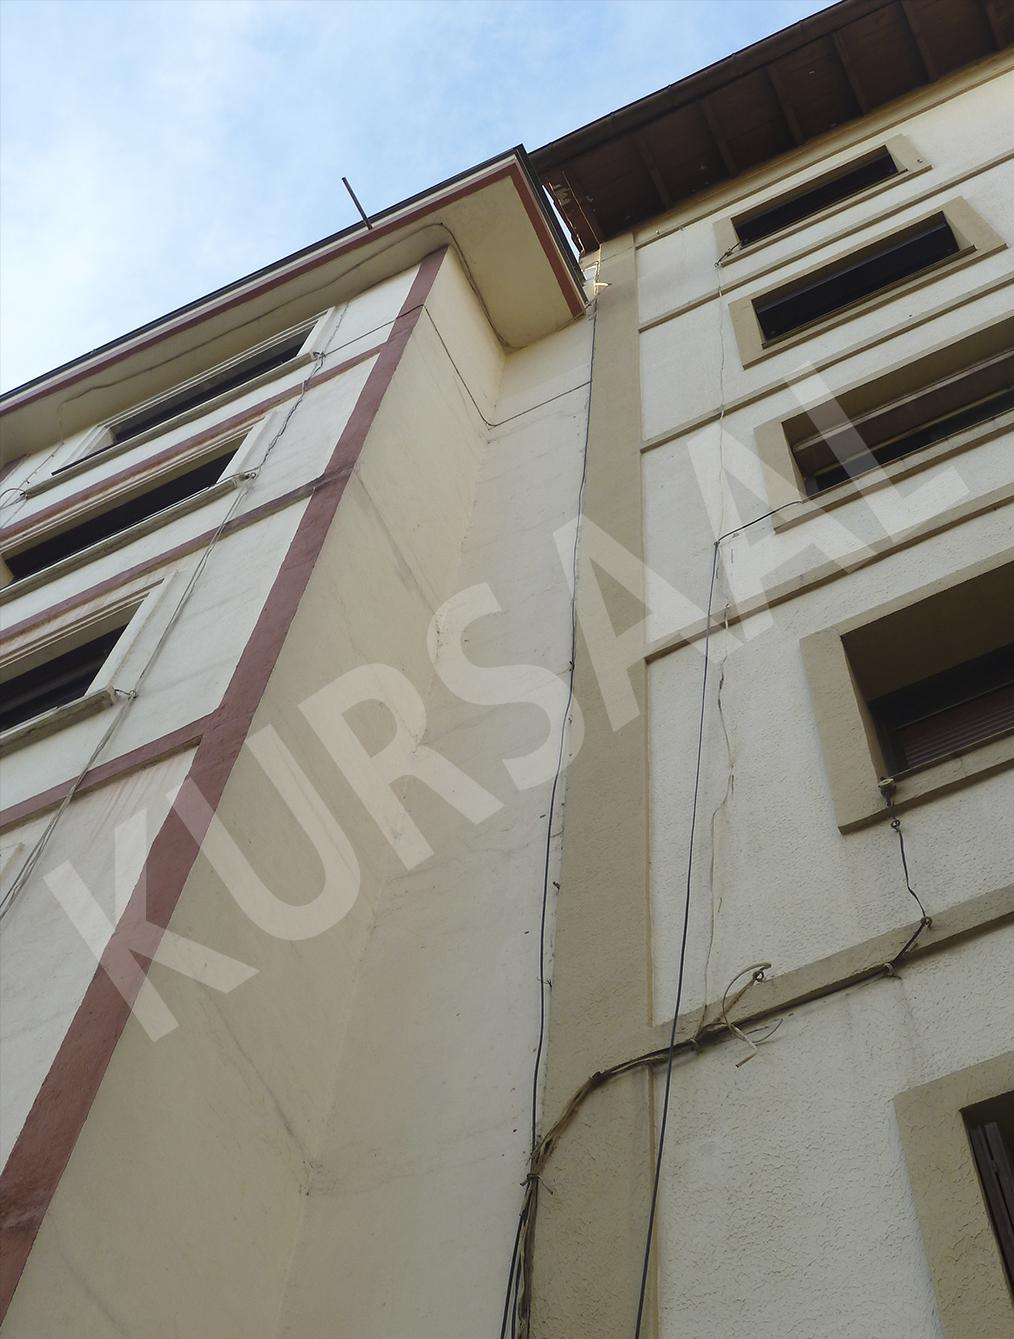 foto 7 - Aislamientos Térmicos y Eficiencia Energética-San Marcial 6-IRUN, GIPUZKOA